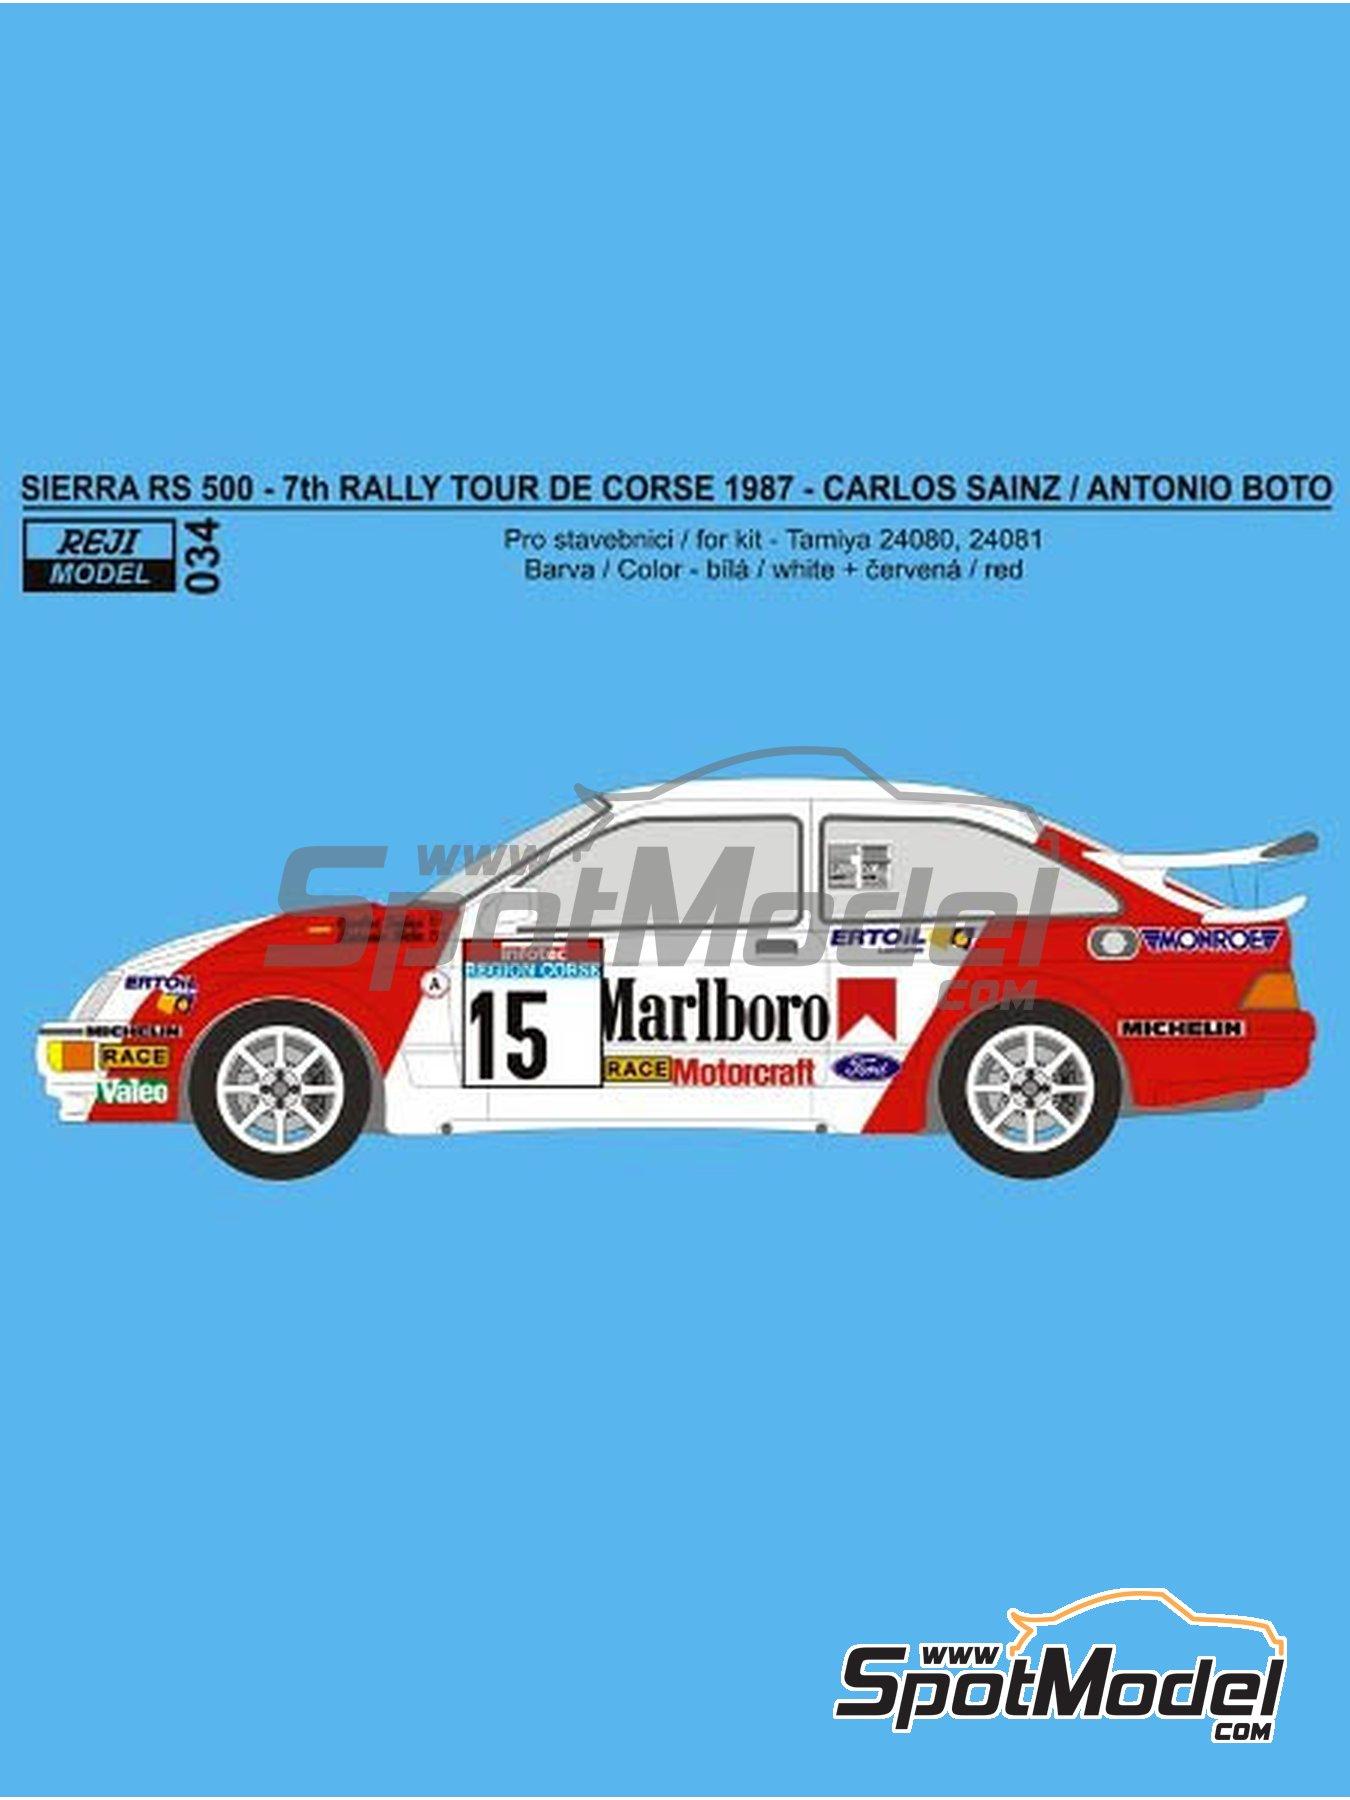 Ford Sierra 500 RS Marlboro - Rally Tour de Corse 1987 | Decoración en escala1/24 fabricado por Reji Model (ref.REJI-034) image